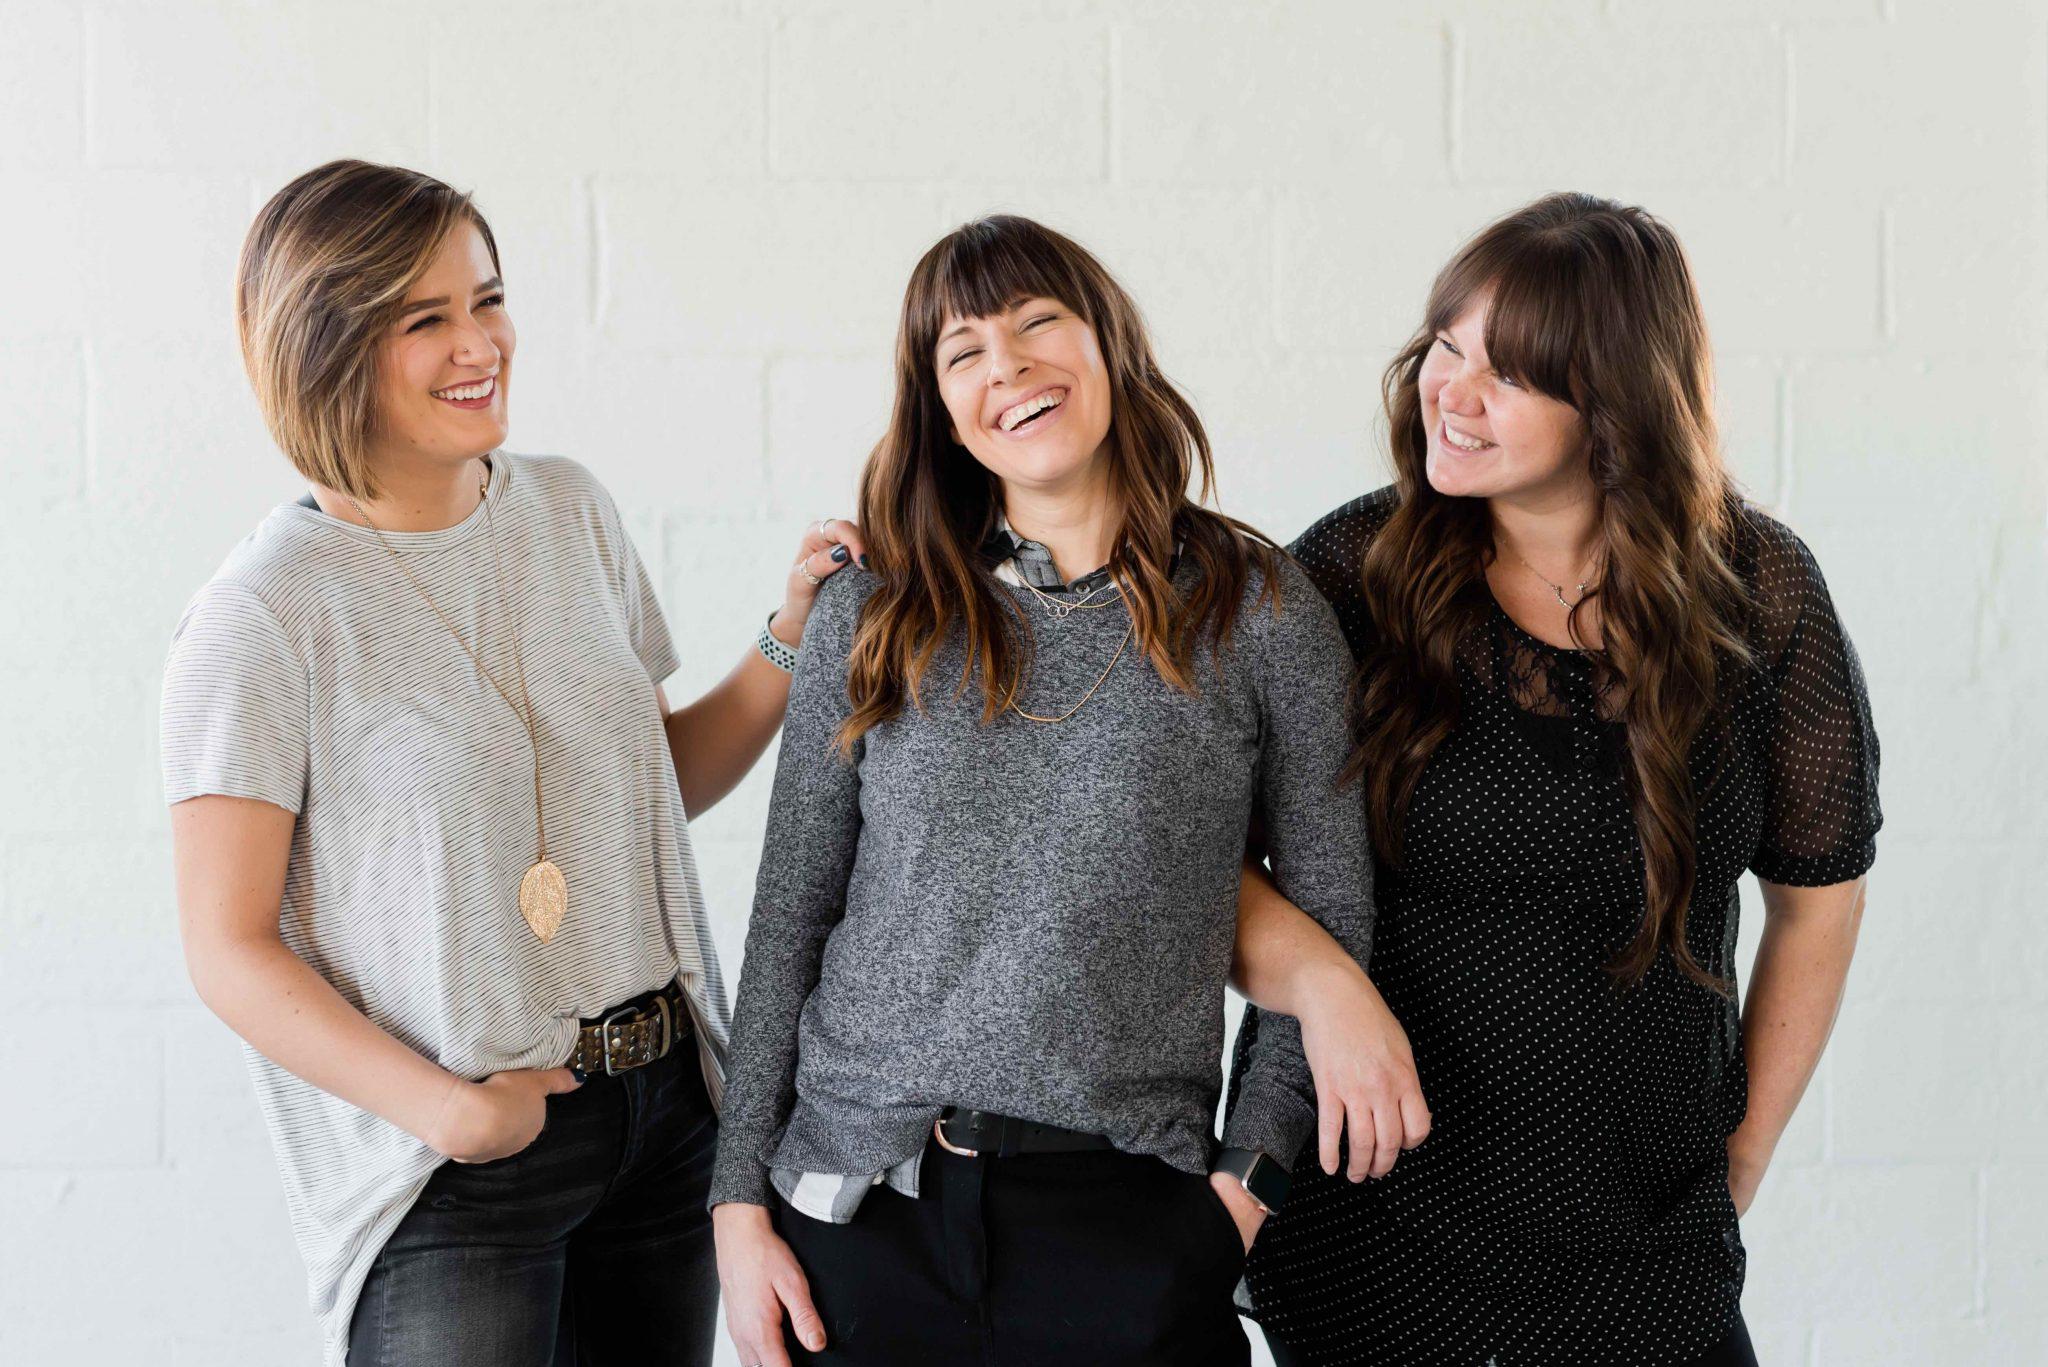 Tre imprenditrici.